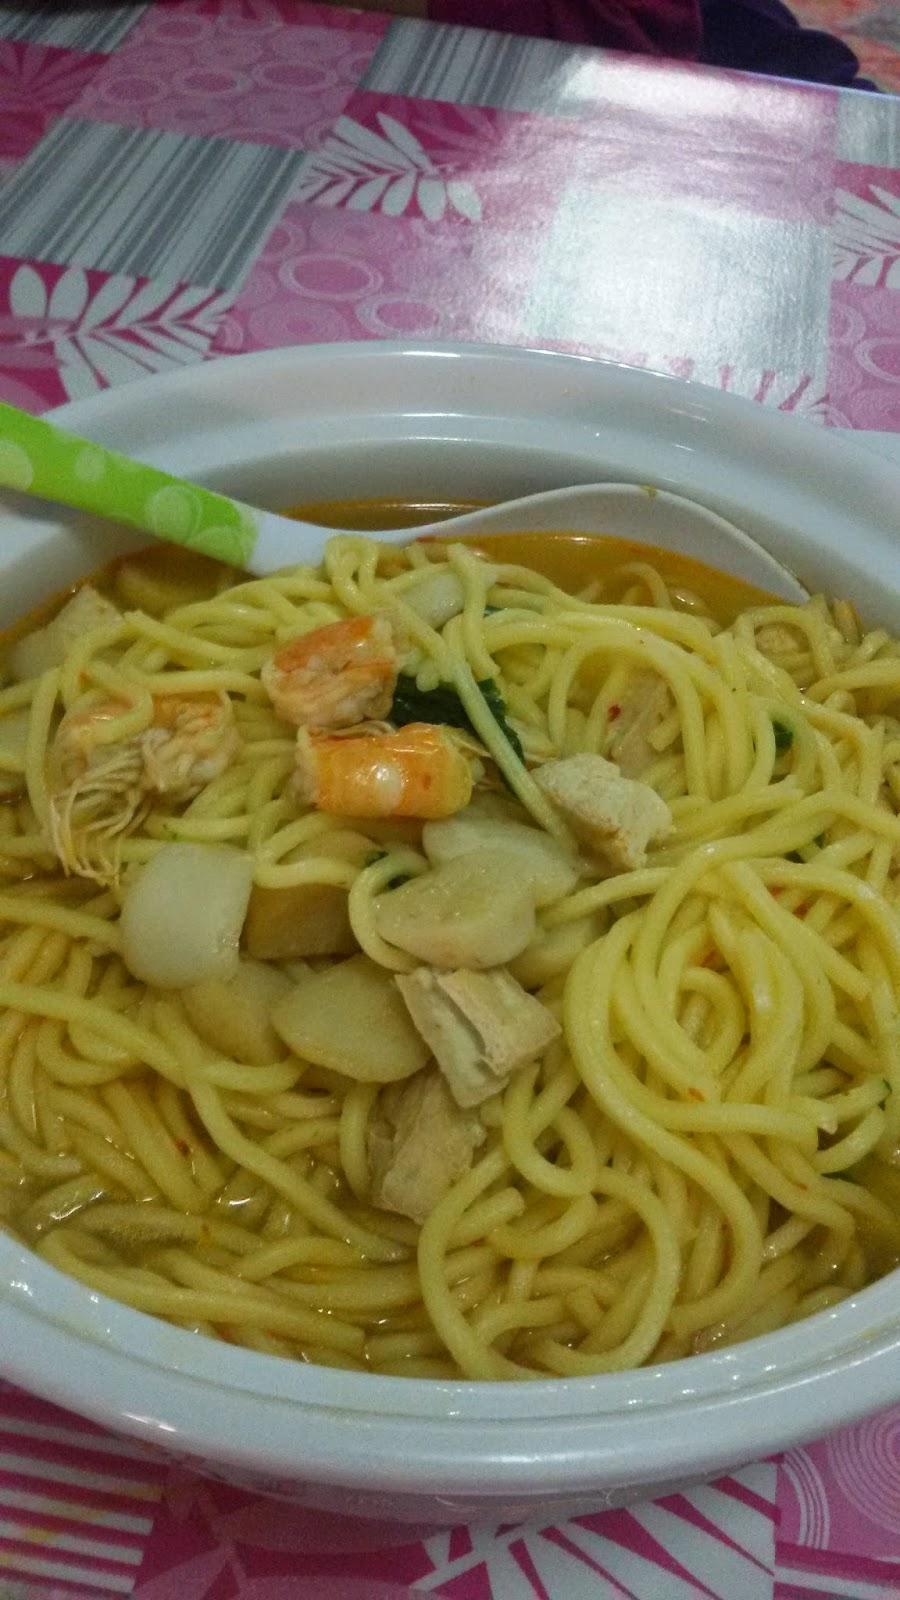 resepi mee sup simple dan enak buat minum petang